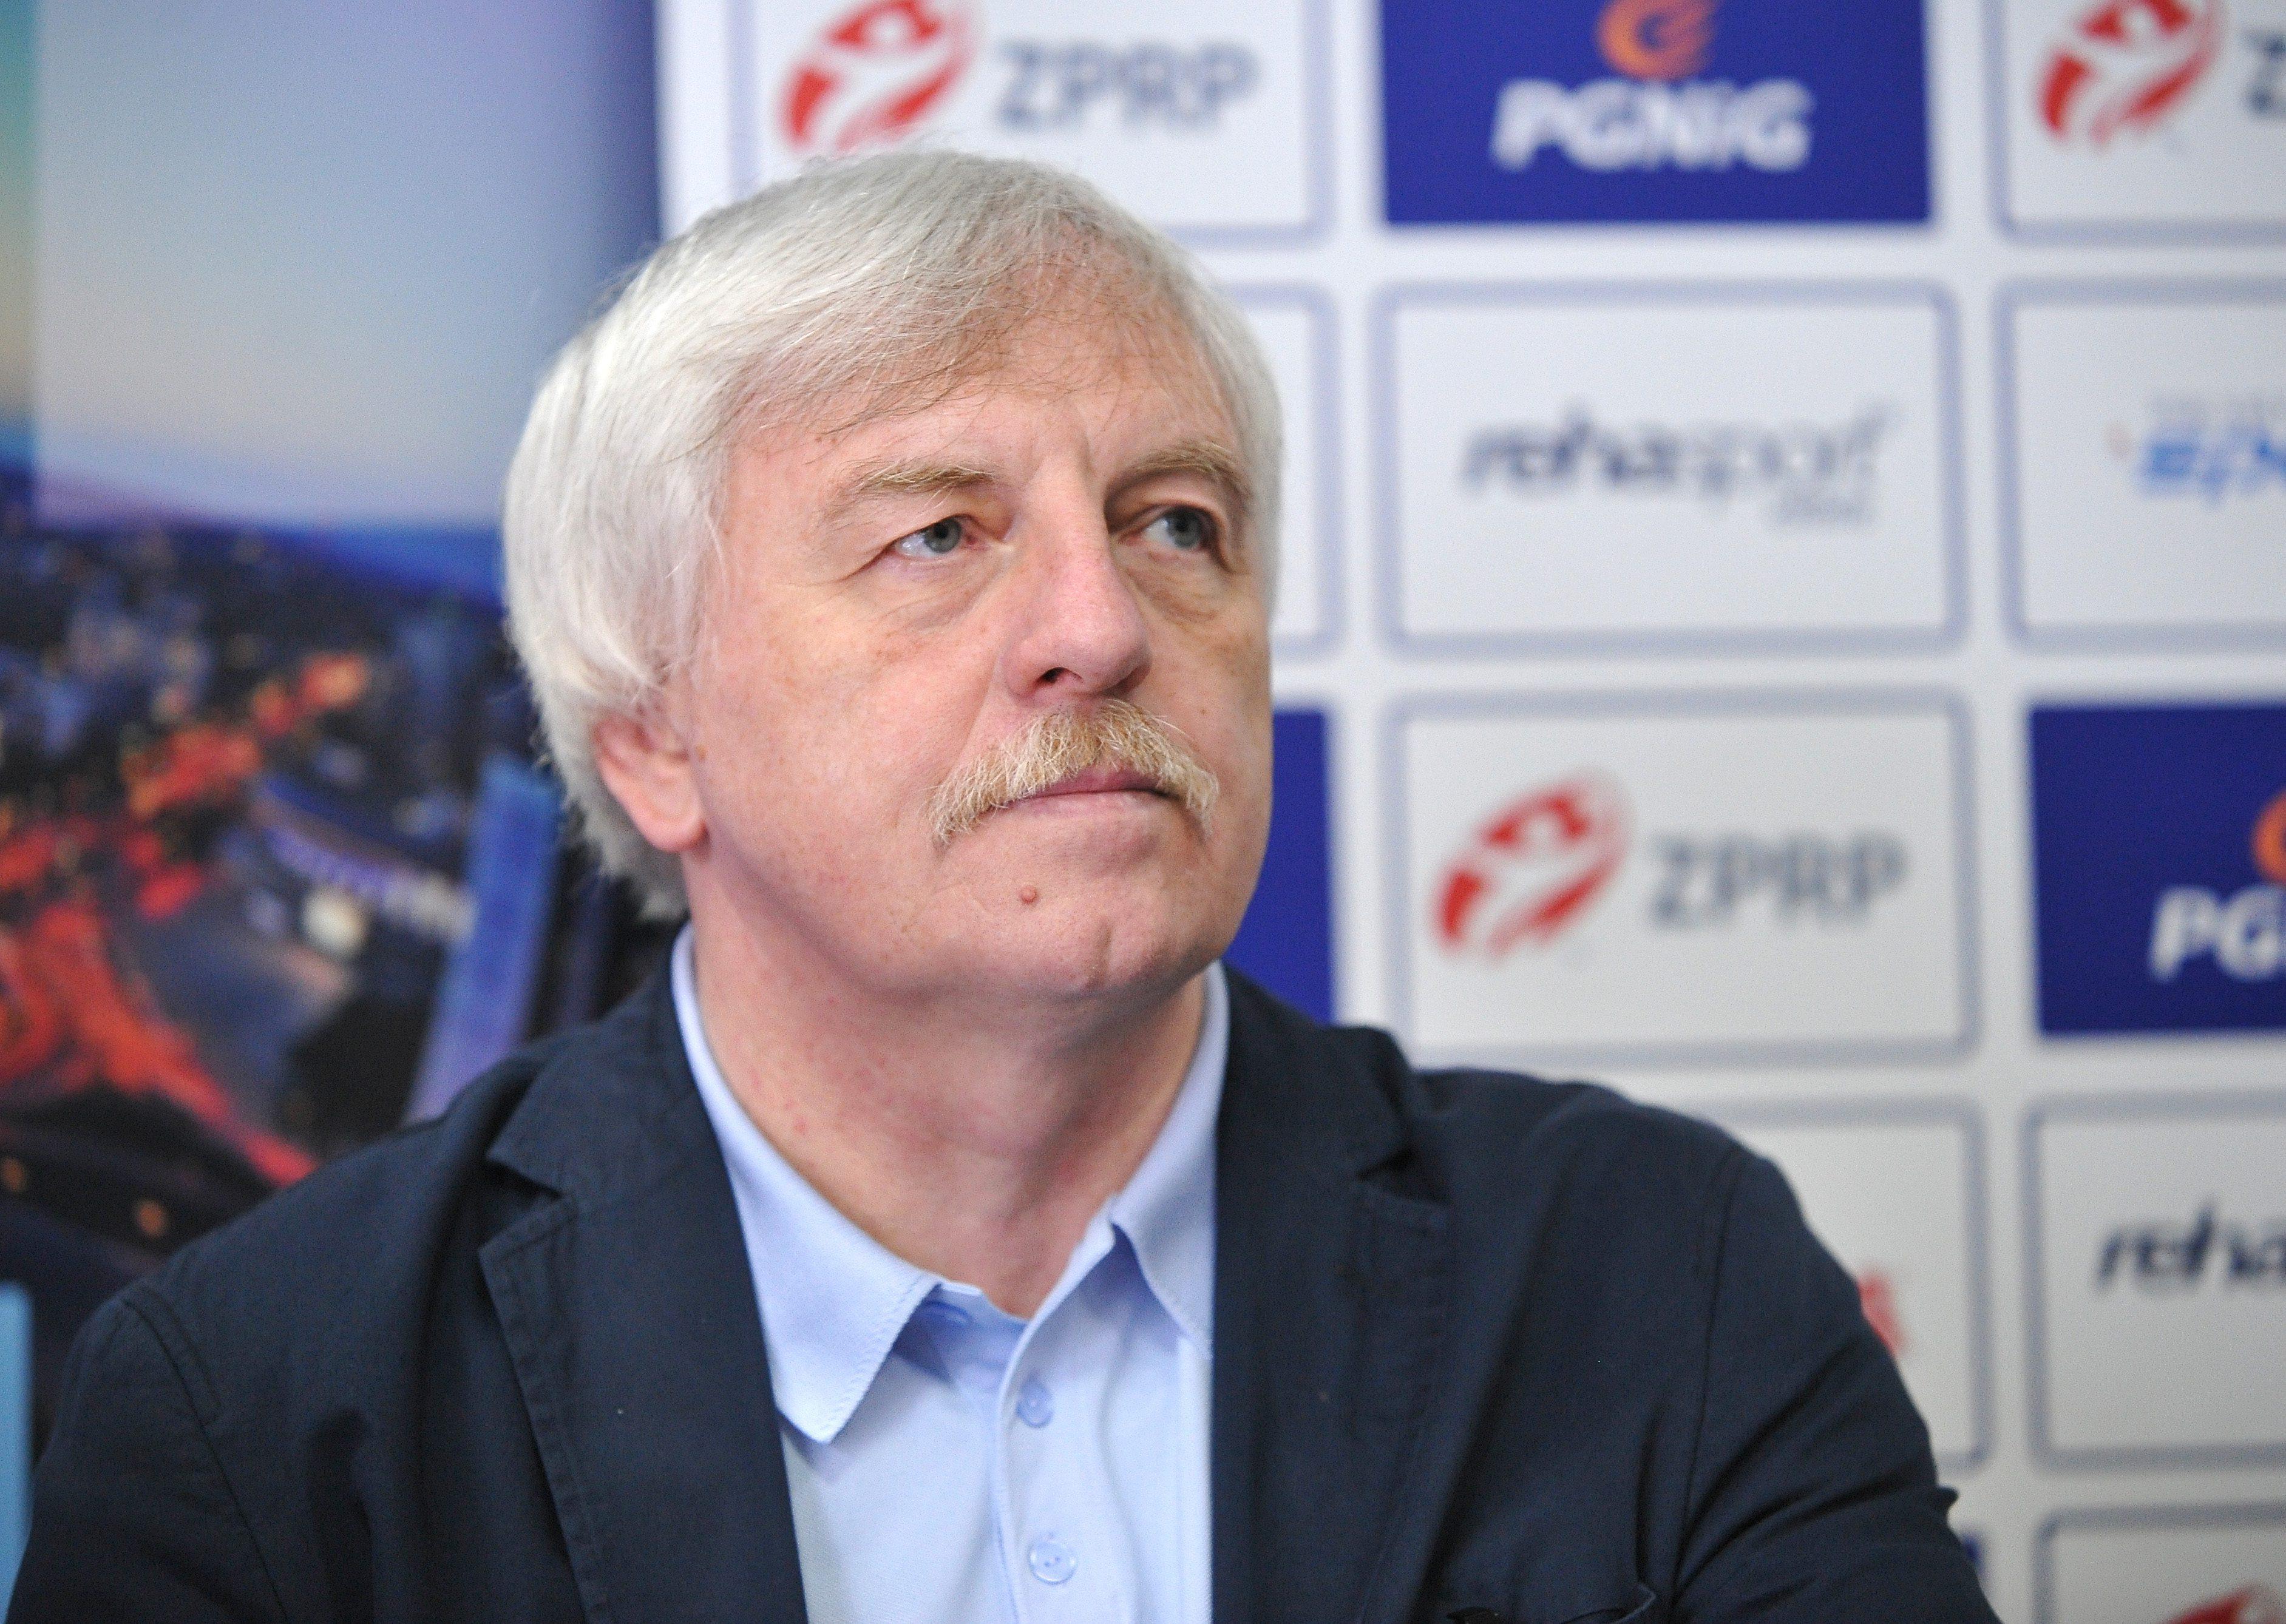 Jerzy Eliasz